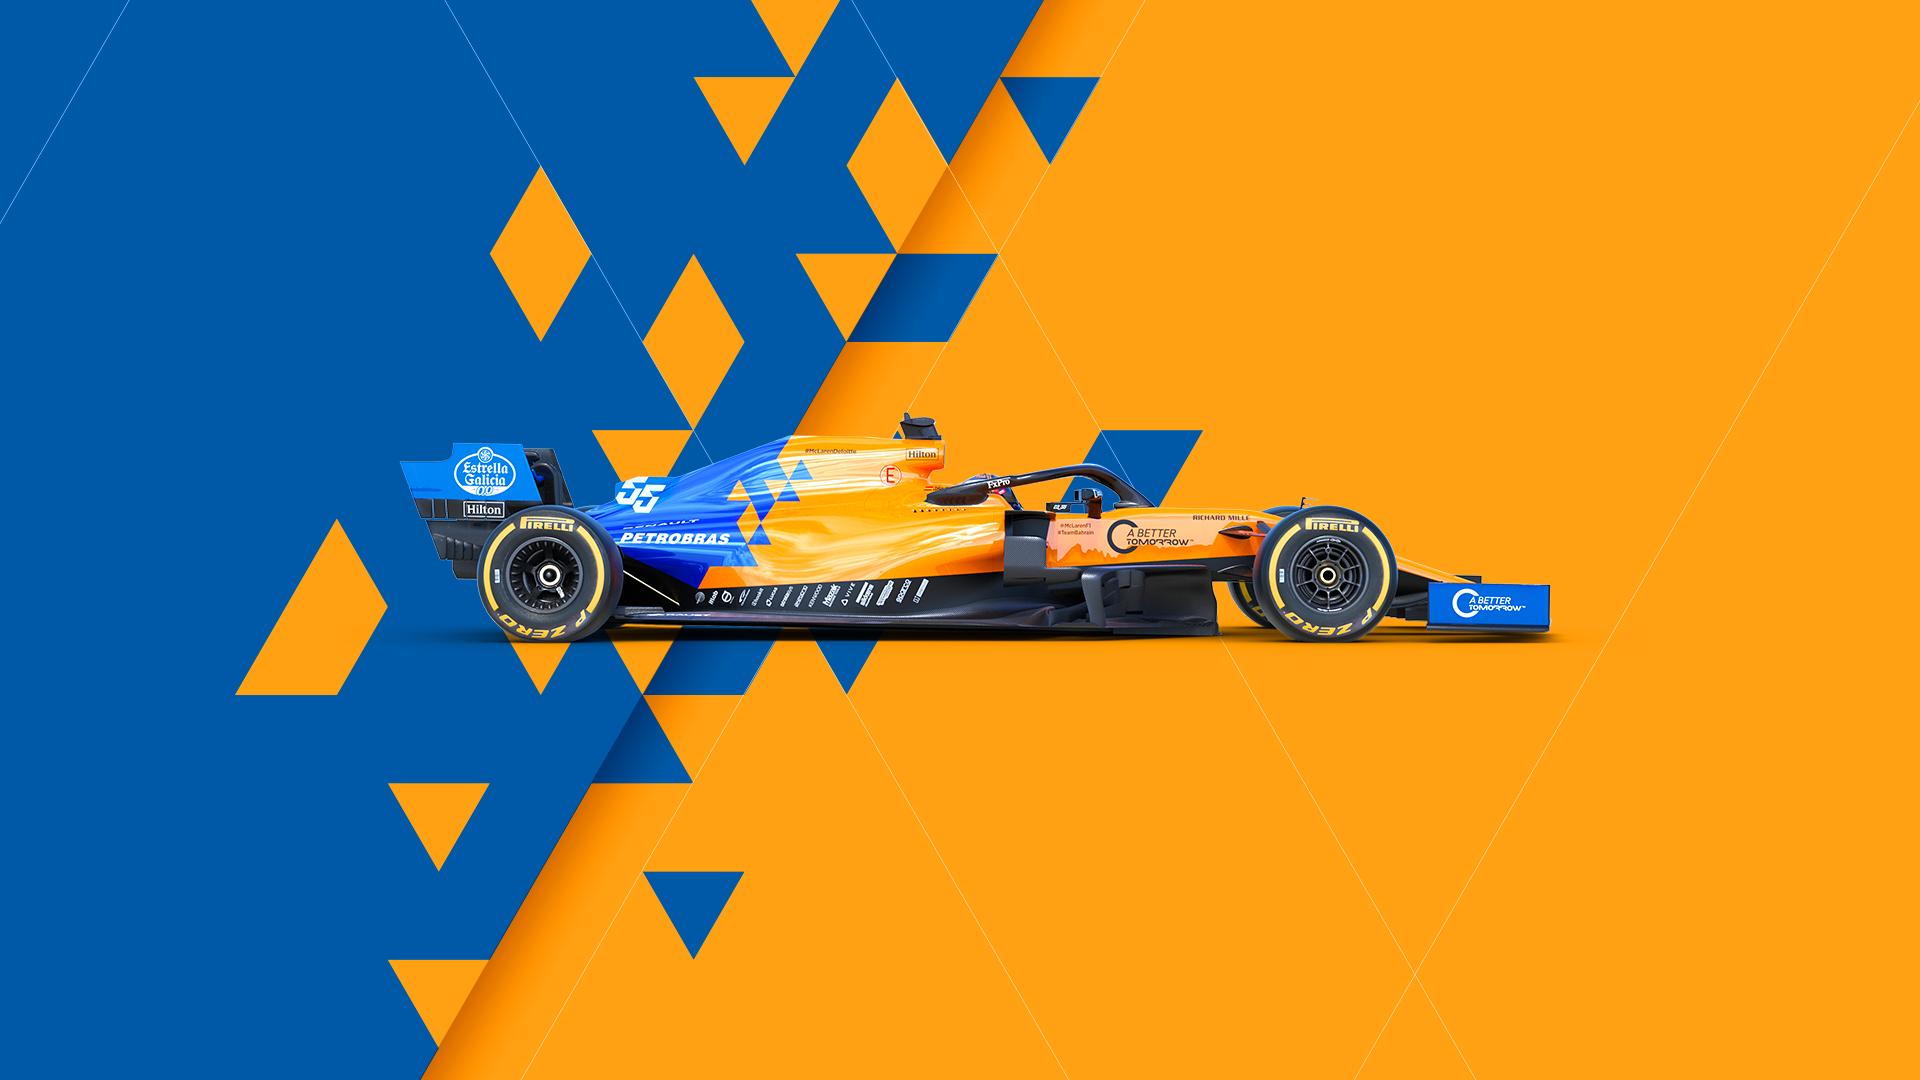 McLaren Formula 1 Official Website 1920x1080